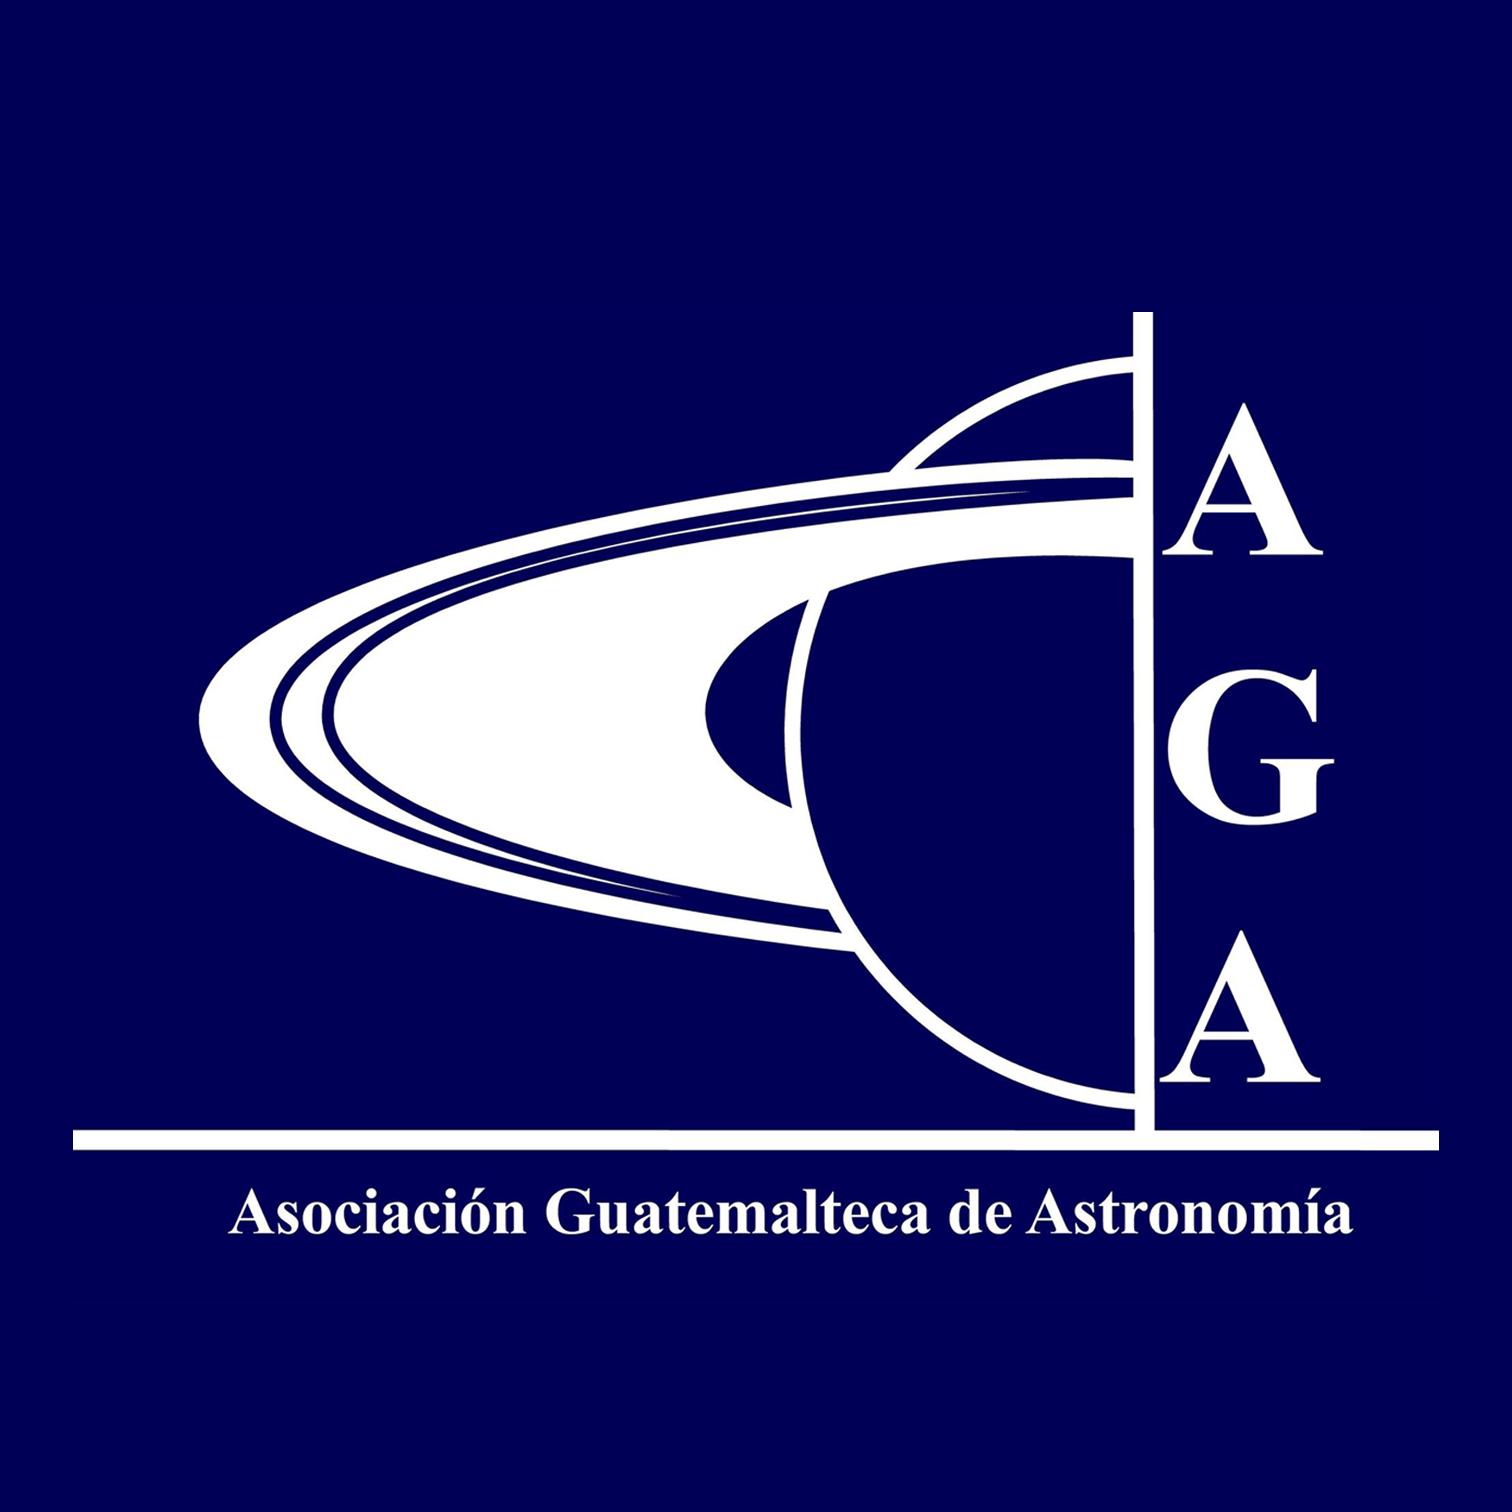 Asociación Guatemalteca de Astronomía